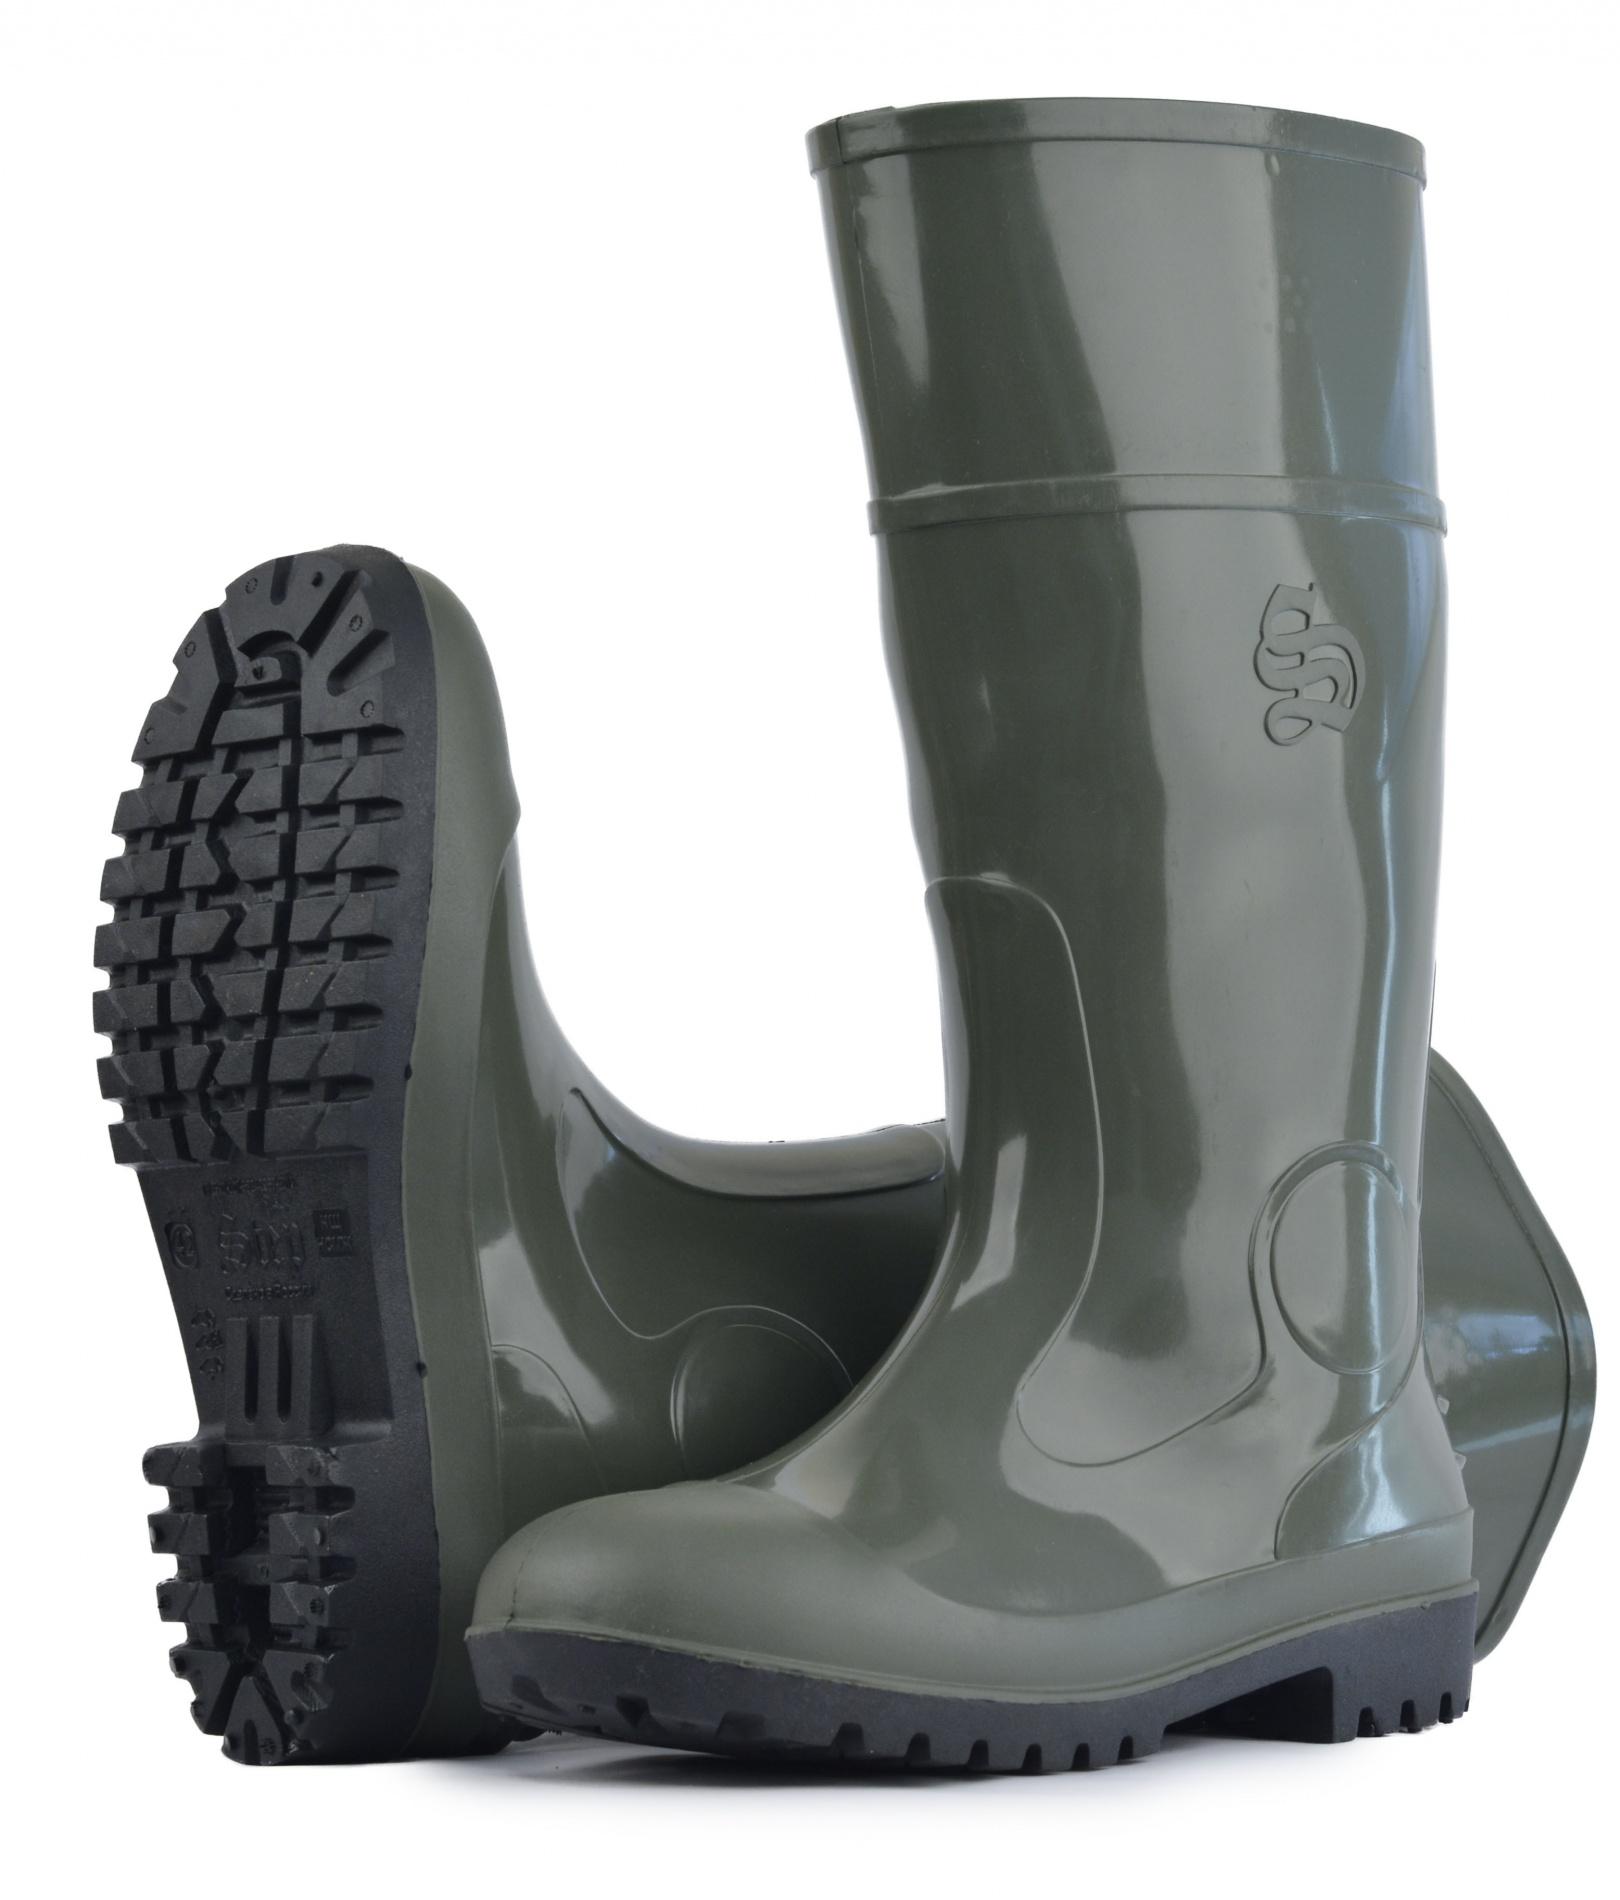 Сапоги высокие ПВХ МБС КЩС (STEP) мужские Сапоги для активного отдыха<br>Сапоги предназначены для рабочих, занятых <br>в самых различных отраслях промышленности, <br>сапоги выполнены по технологии трехцветного <br>литья. Укомплектованы металлоподноском, <br>что обеспечивает защиту ног от ударов (нагрузка <br>200 Дж), падений тяжелых предметов на ноги, <br>проколов и других механических воздействий. <br>Самоочищающийся протектор с грунтозацепами <br>препятсвует налипанию грязи и застреванию <br>породы в рифе подошвы, надежный, нескользящий, <br>оригинальный протектор, устойчив к воздействию <br>нефтяных, растительных и животных масел. <br>Увеличенный профиль подноска исключает <br>соприкосновение ноги с верхней кромкой <br>подноска при выполнении любой работы. Наличие <br>ребер жесткости в передней и задней части <br>голенища. Увеличение толщины стенок голенища <br>от верха к низу делает сапоги защищенными <br>от боковых разрывов. Высота сапога 40см Производитель: <br>STEP<br><br>Пол: мужской<br>Сезон: лето<br>Материал: поливинилхлорид (ПВХ)МБС, КЩС